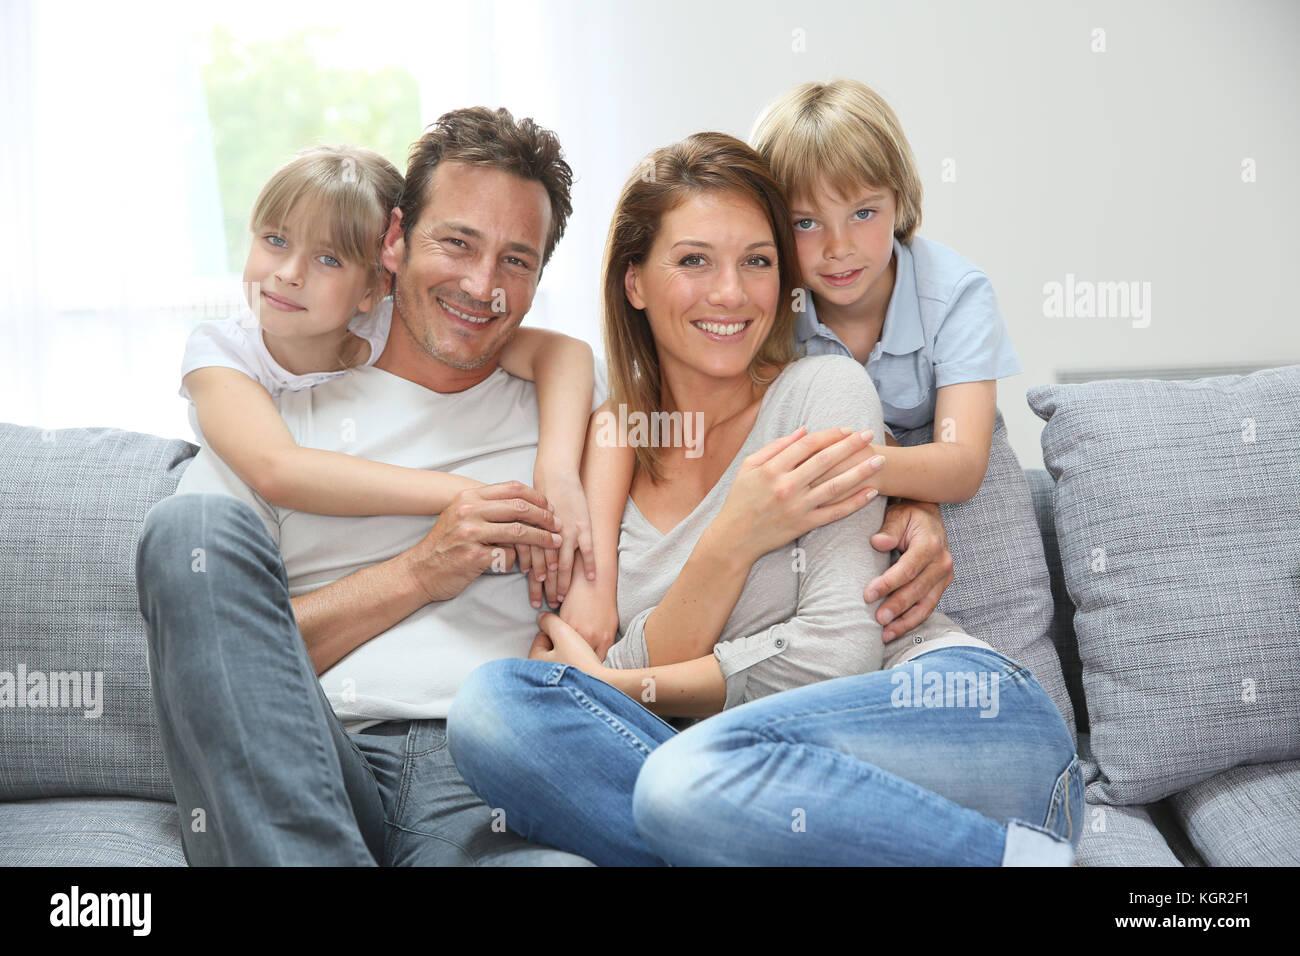 Glückliche Familie entspannt auf der Couch zu Hause Stockfoto